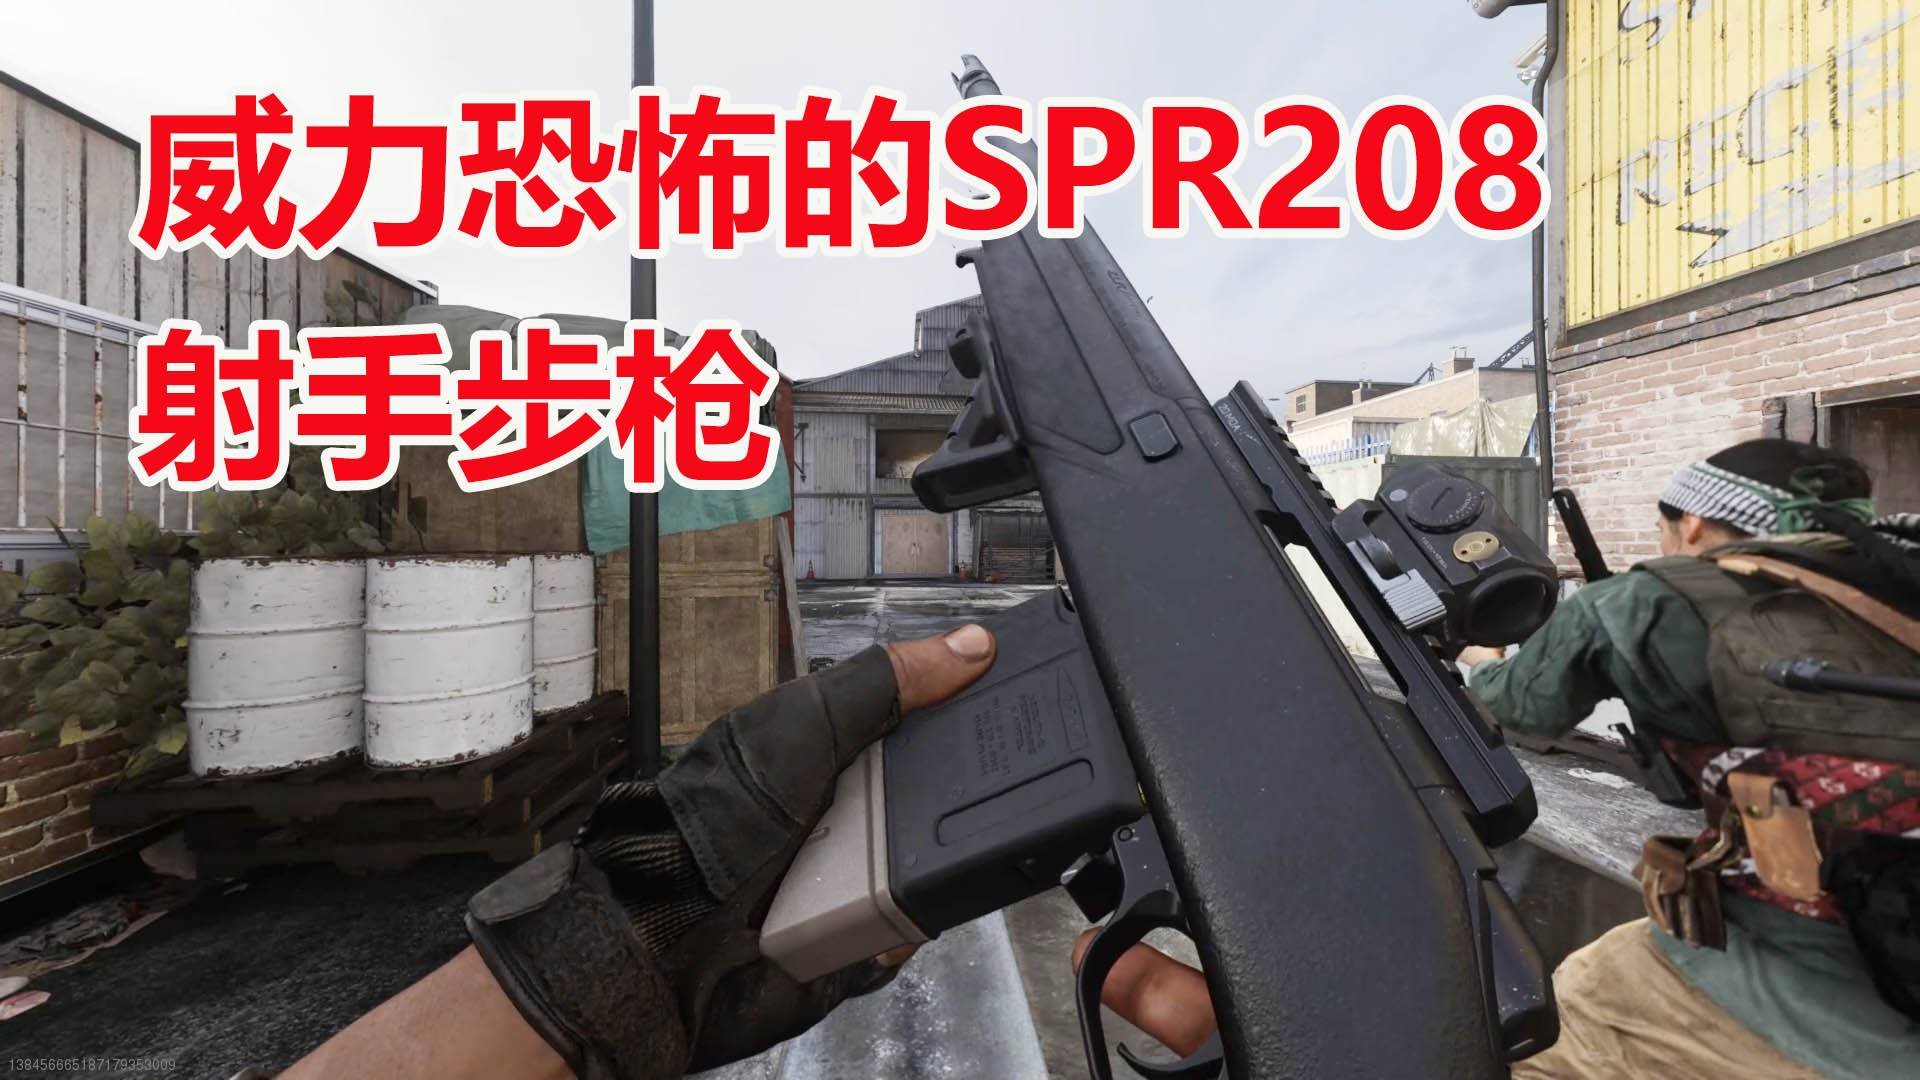 使命召唤16:本赛季最恐怖的射手步枪SPR208,实战体验